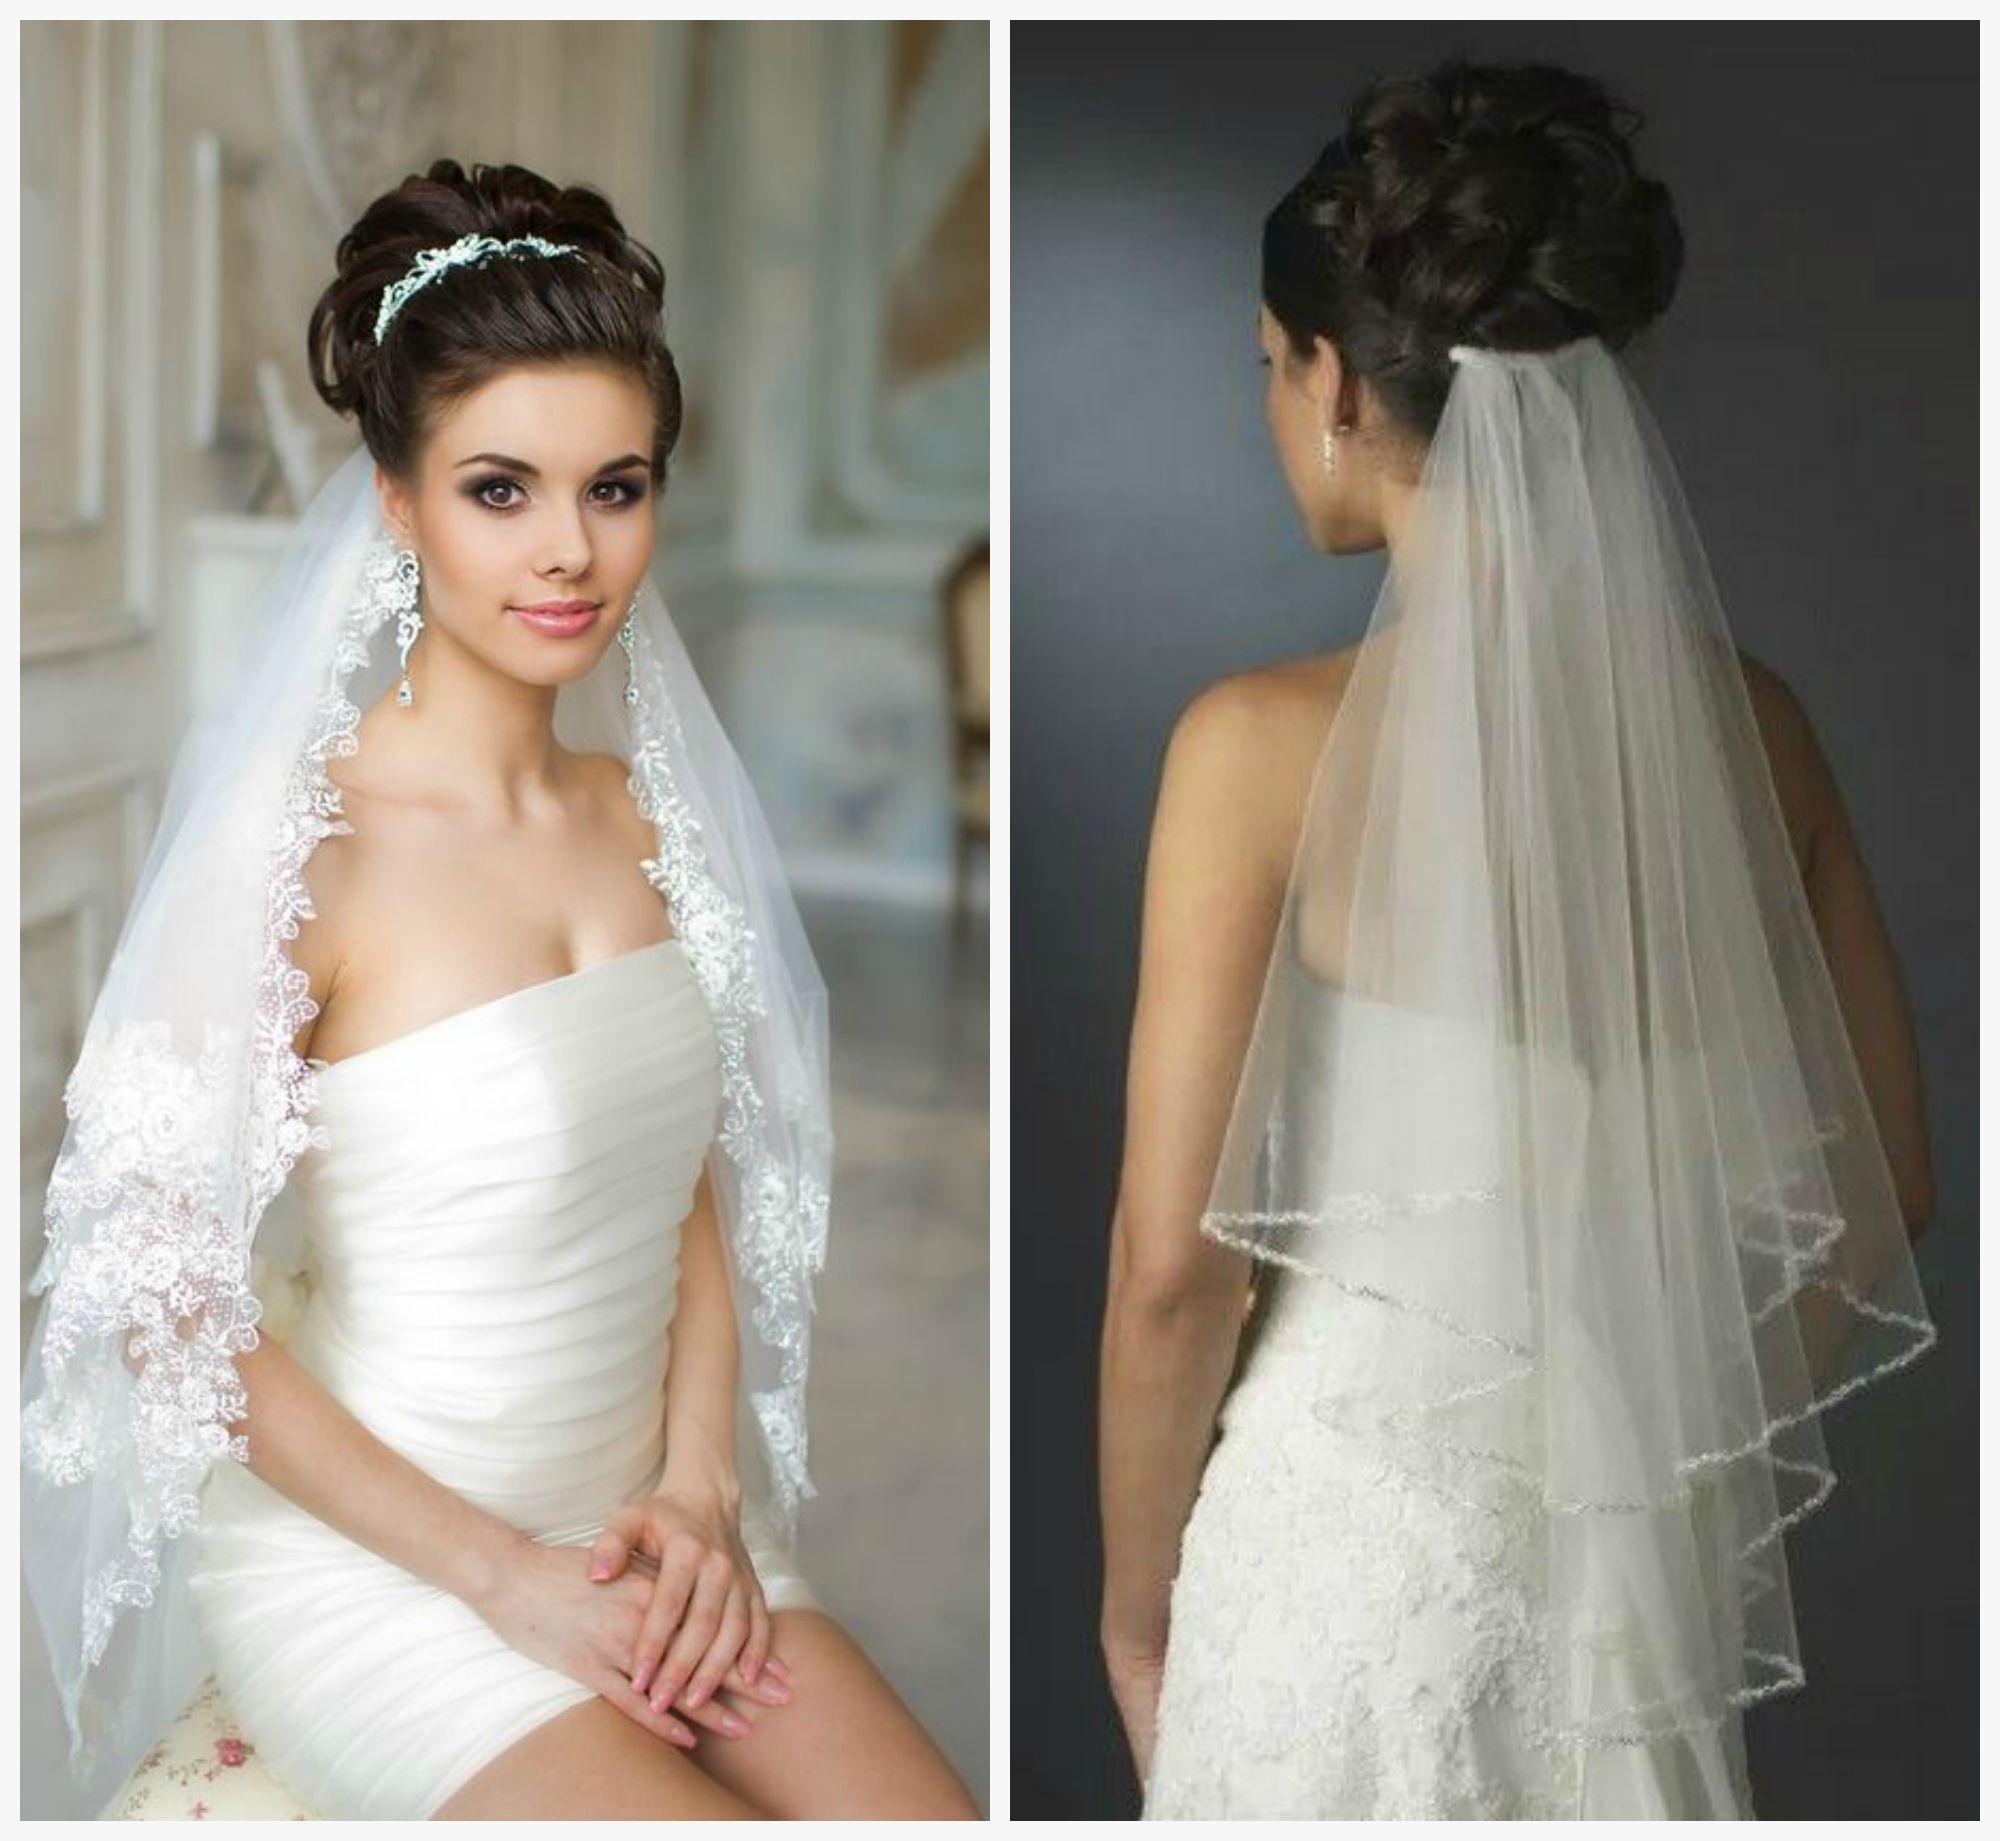 Новые поступления платьев в салон LOVE BRIDAL | 1841x2000